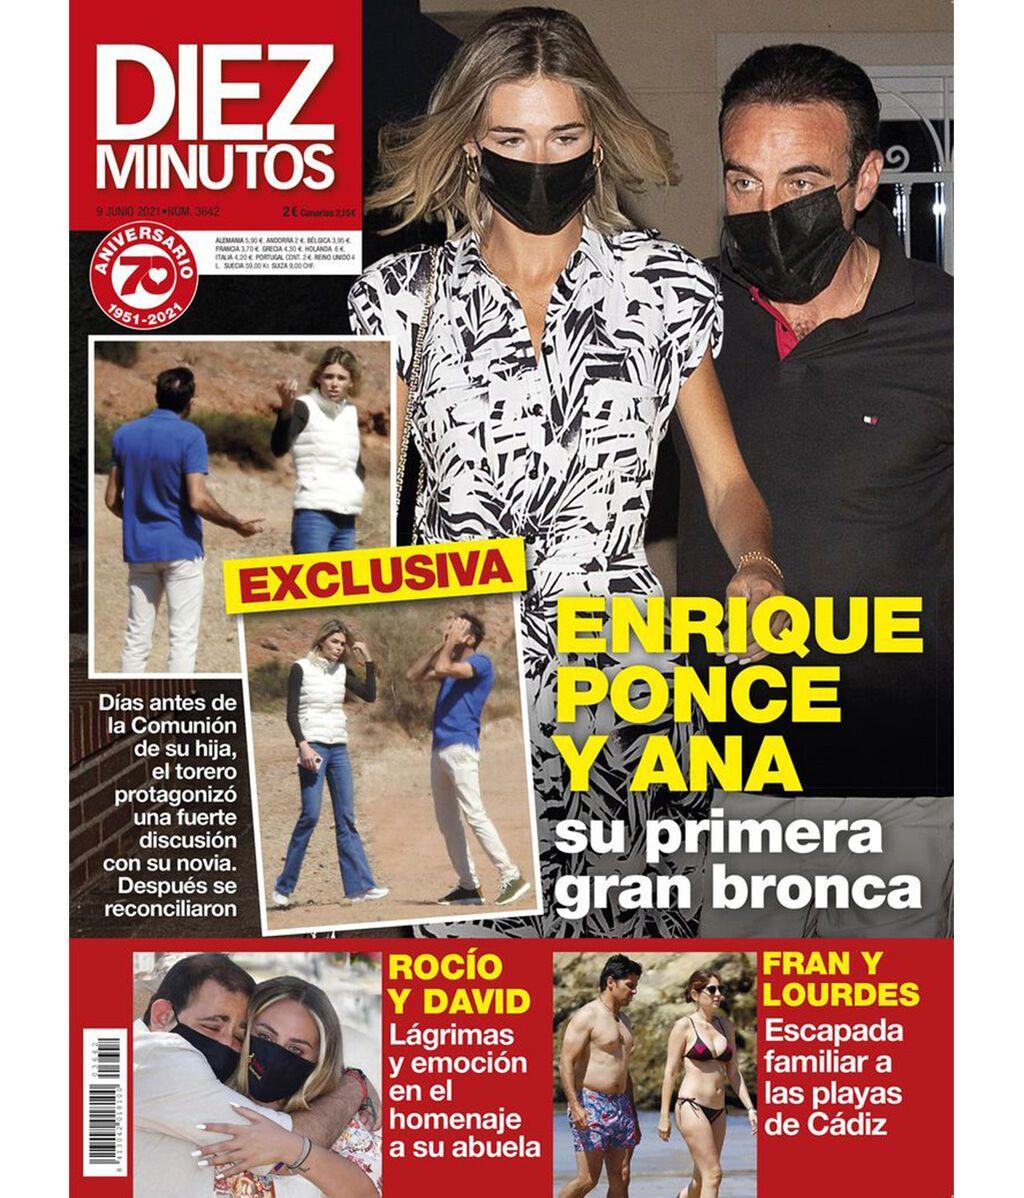 Enrique Ponce y Ana Soria protagonizan una fuerte bronca en plena calle